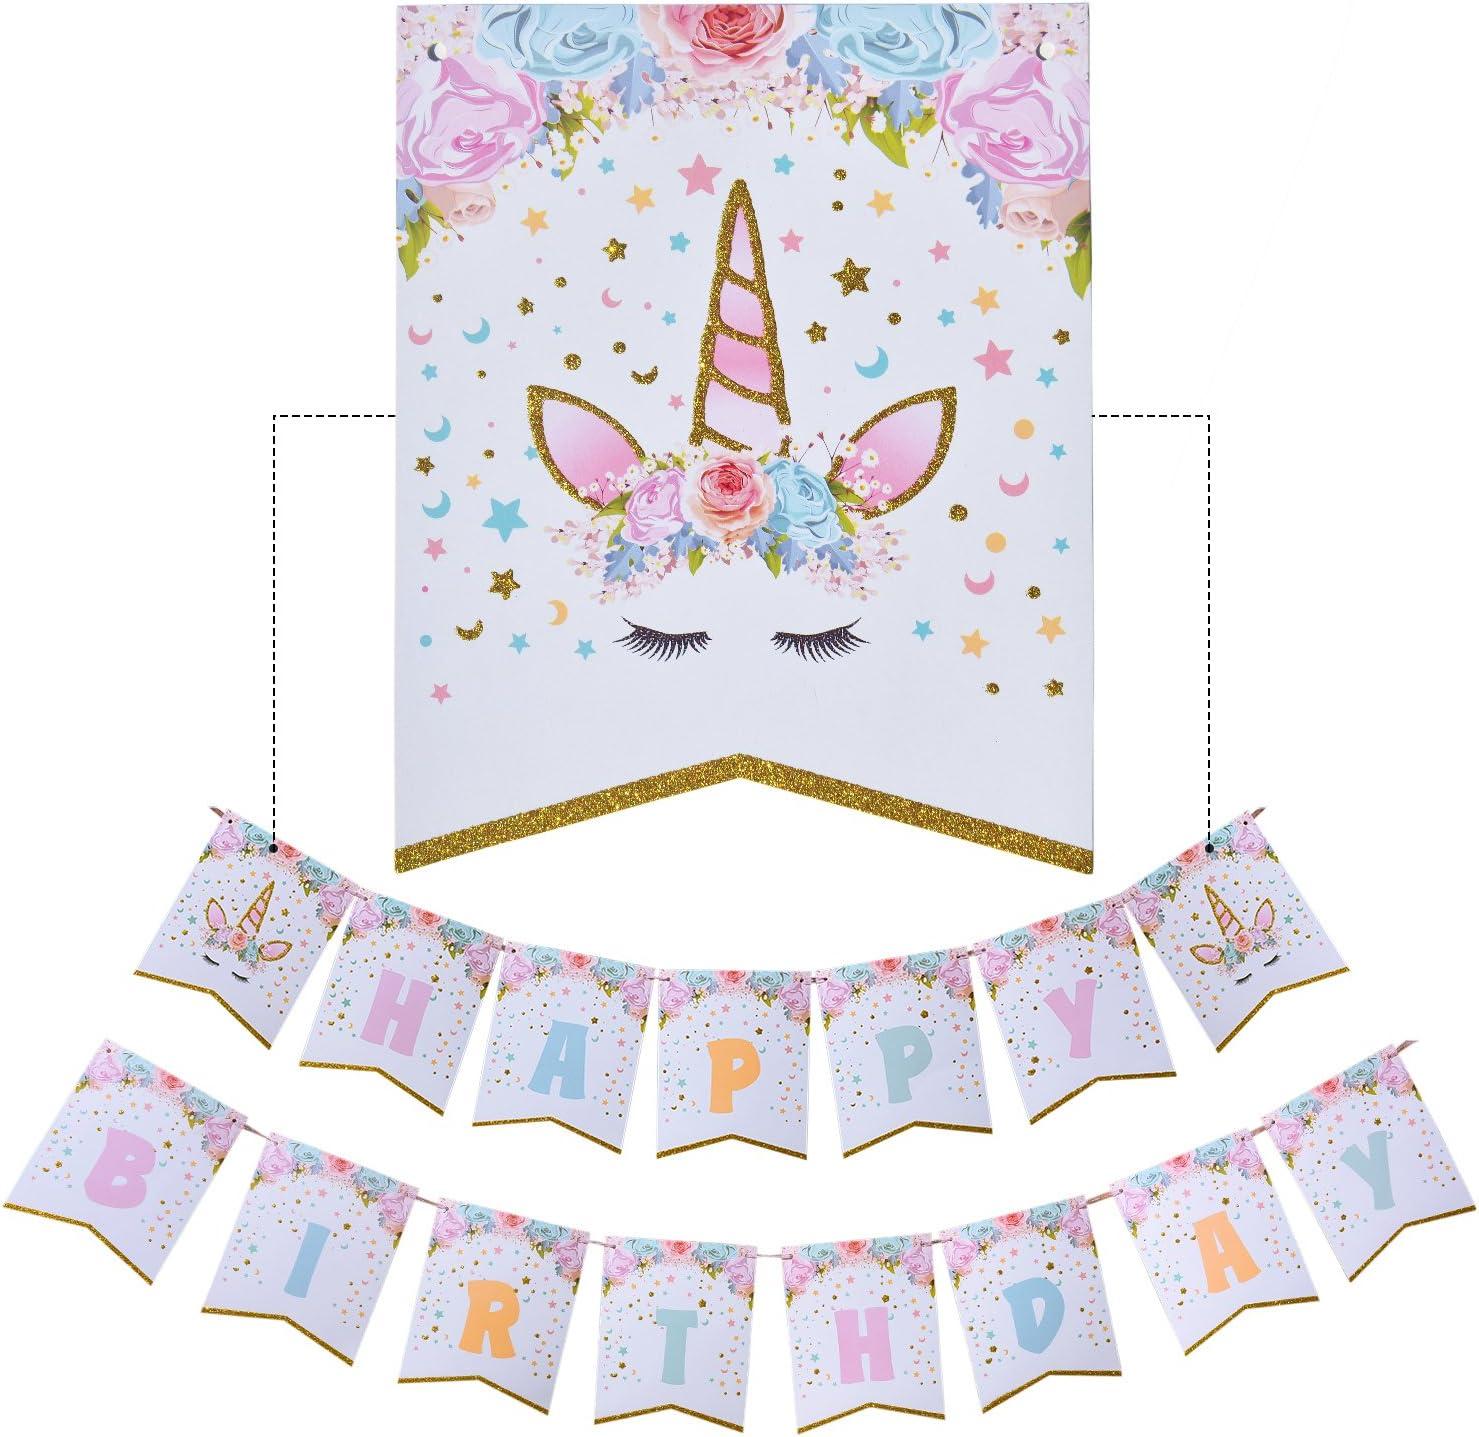 Forniture per Feste Unicorno Bandiera Palloncino Impostato AMZTM Decorazioni per Feste di Compleanno per Ragazza